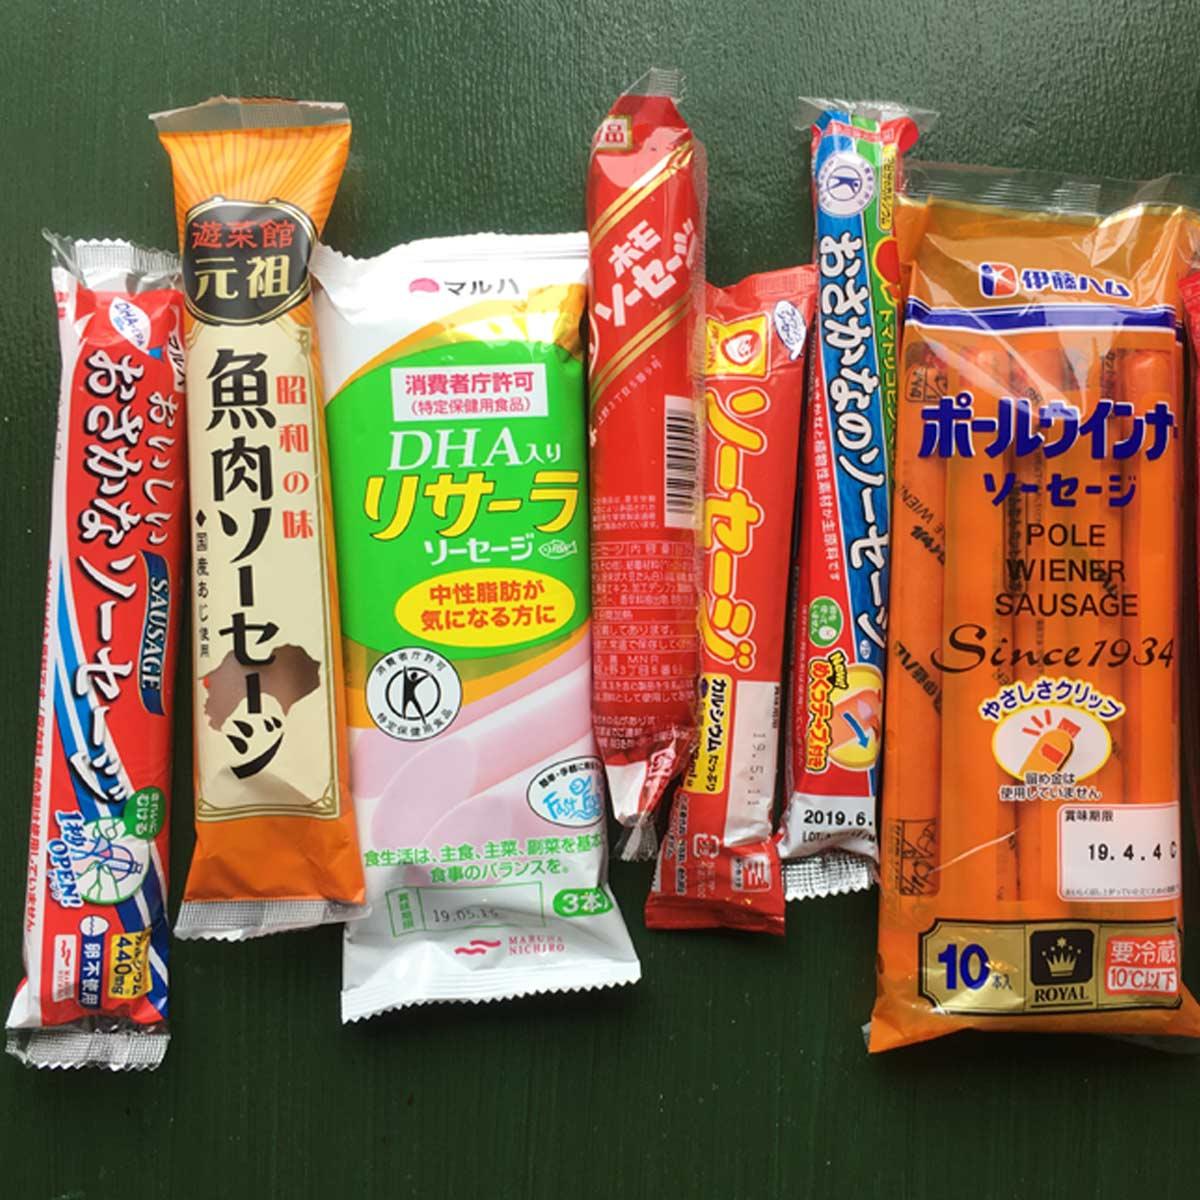 みんな大好き「魚肉ソーセージ」を食べ比べ! 一番おいしいのはどれ?